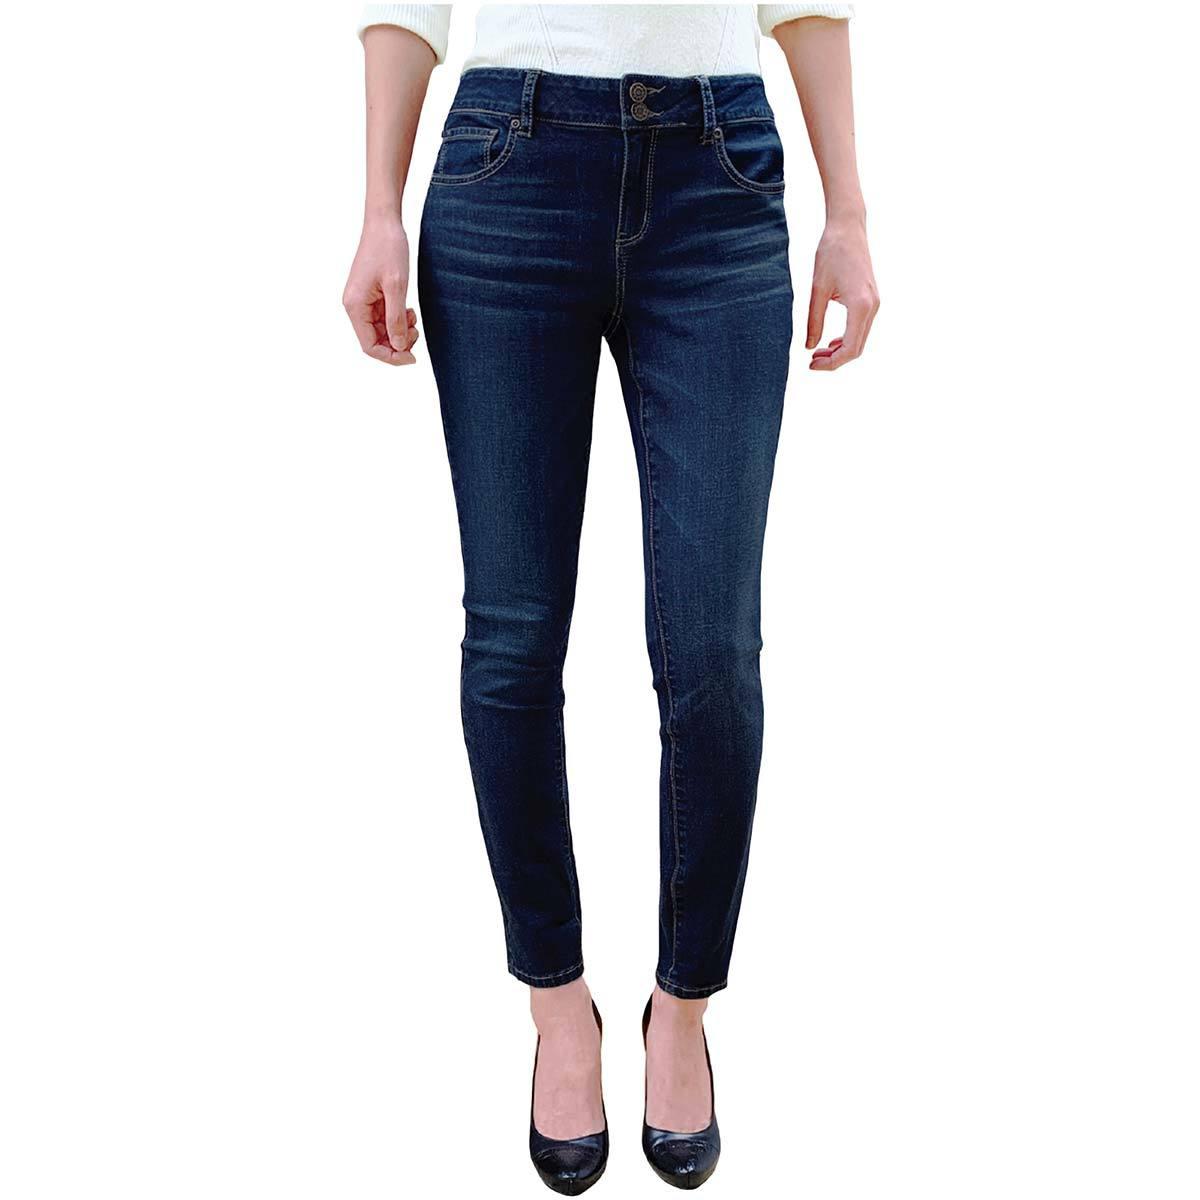 Leo Nicole Pantalon De Mezclilla Al Tobillo Tipo Skinny Para Dama Azul Costco Mexico